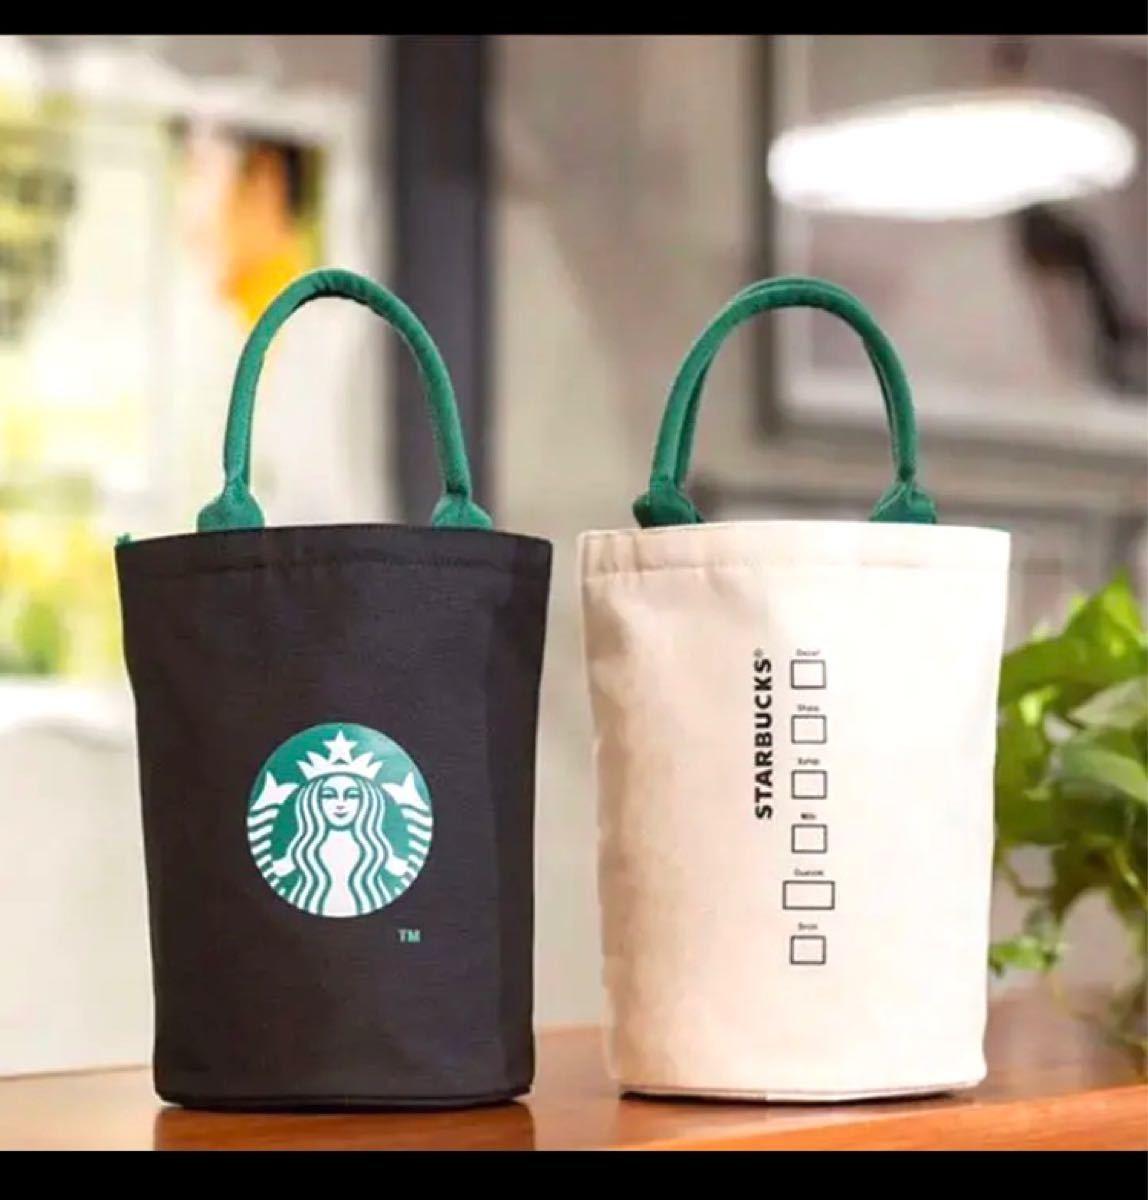 【あと1個ずつ】Starbucks トートバッグ・ランチバッグ・エコバッグ